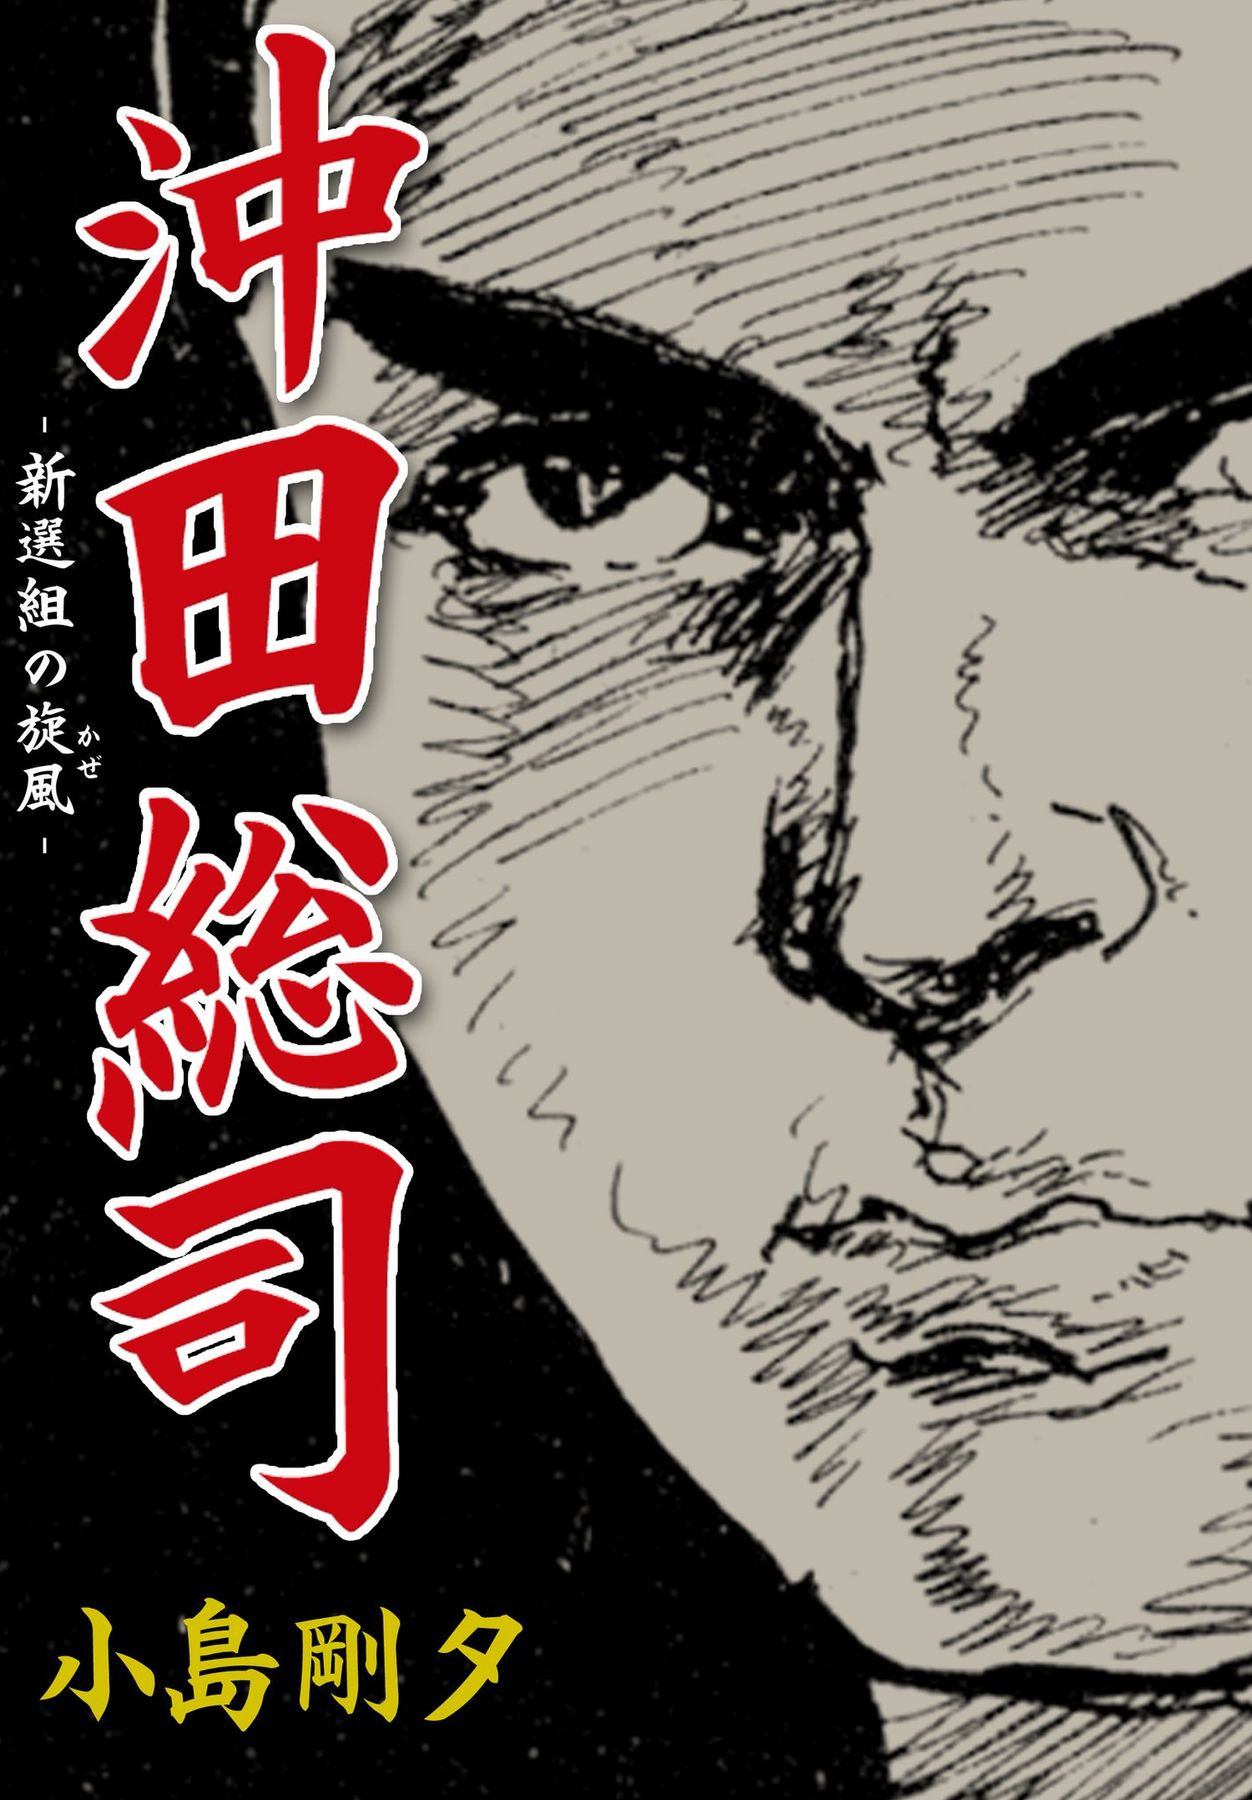 沖田総司 新選組の旋風(第1巻)